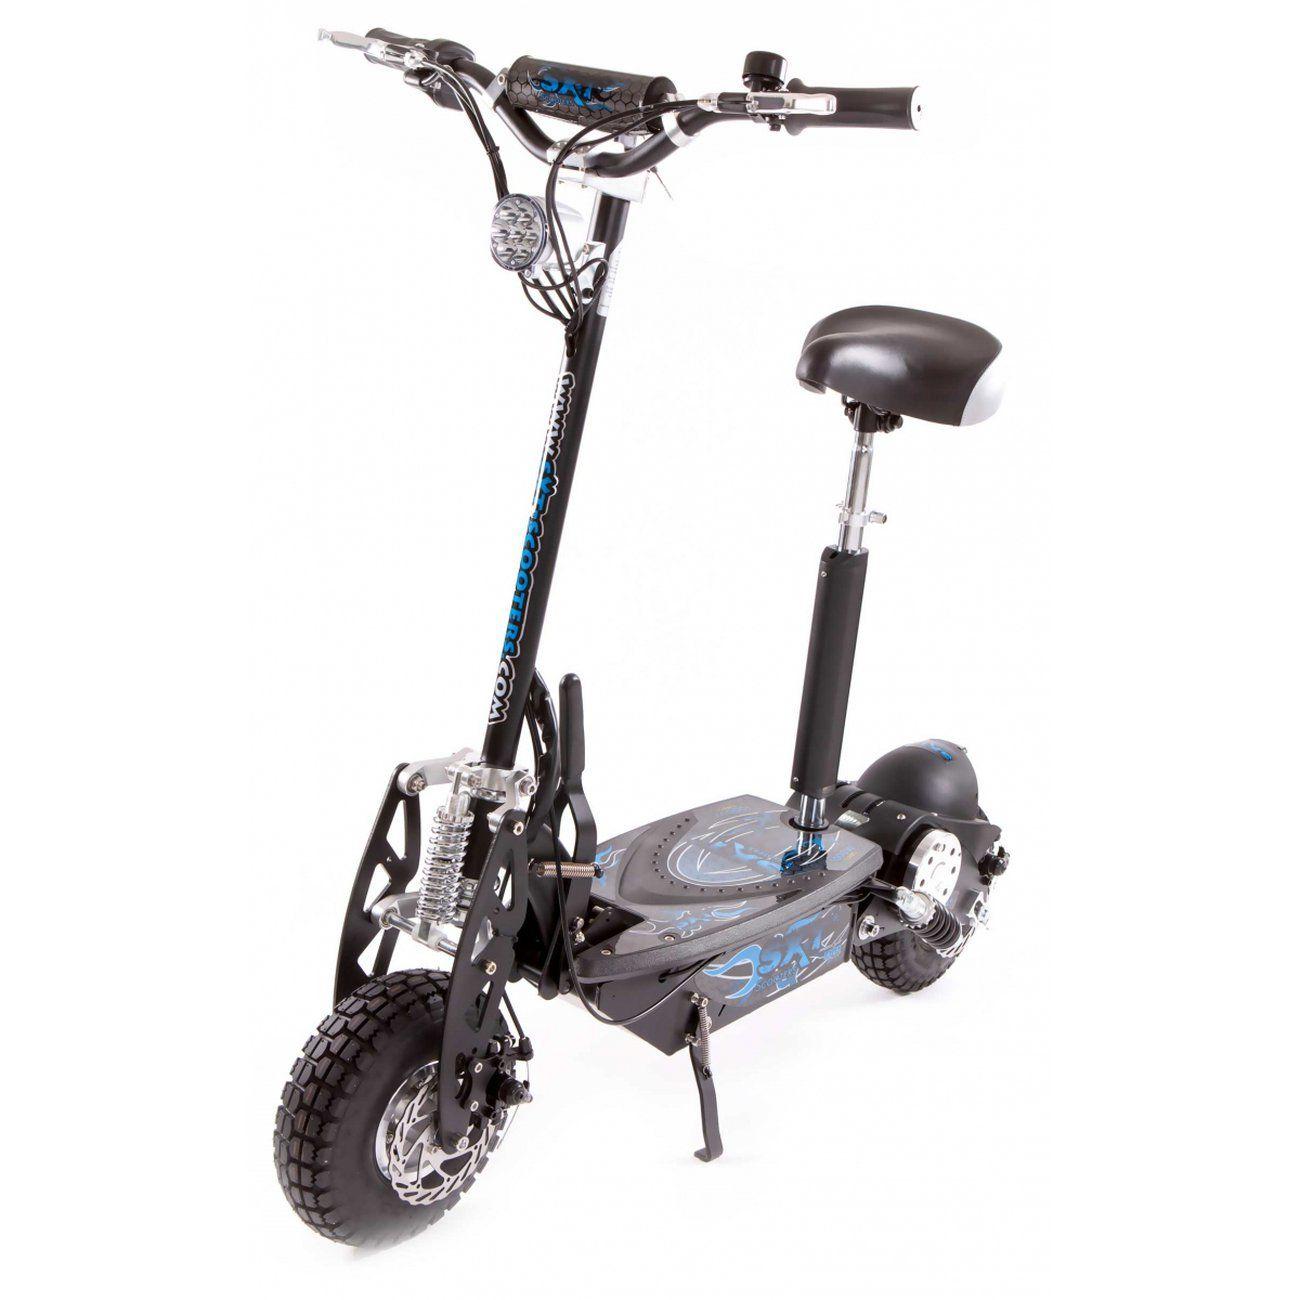 glisse urbaine sxt scooters trottinette electrique sxt scooters 1000 w turbo noire batterie plomb 12 ah